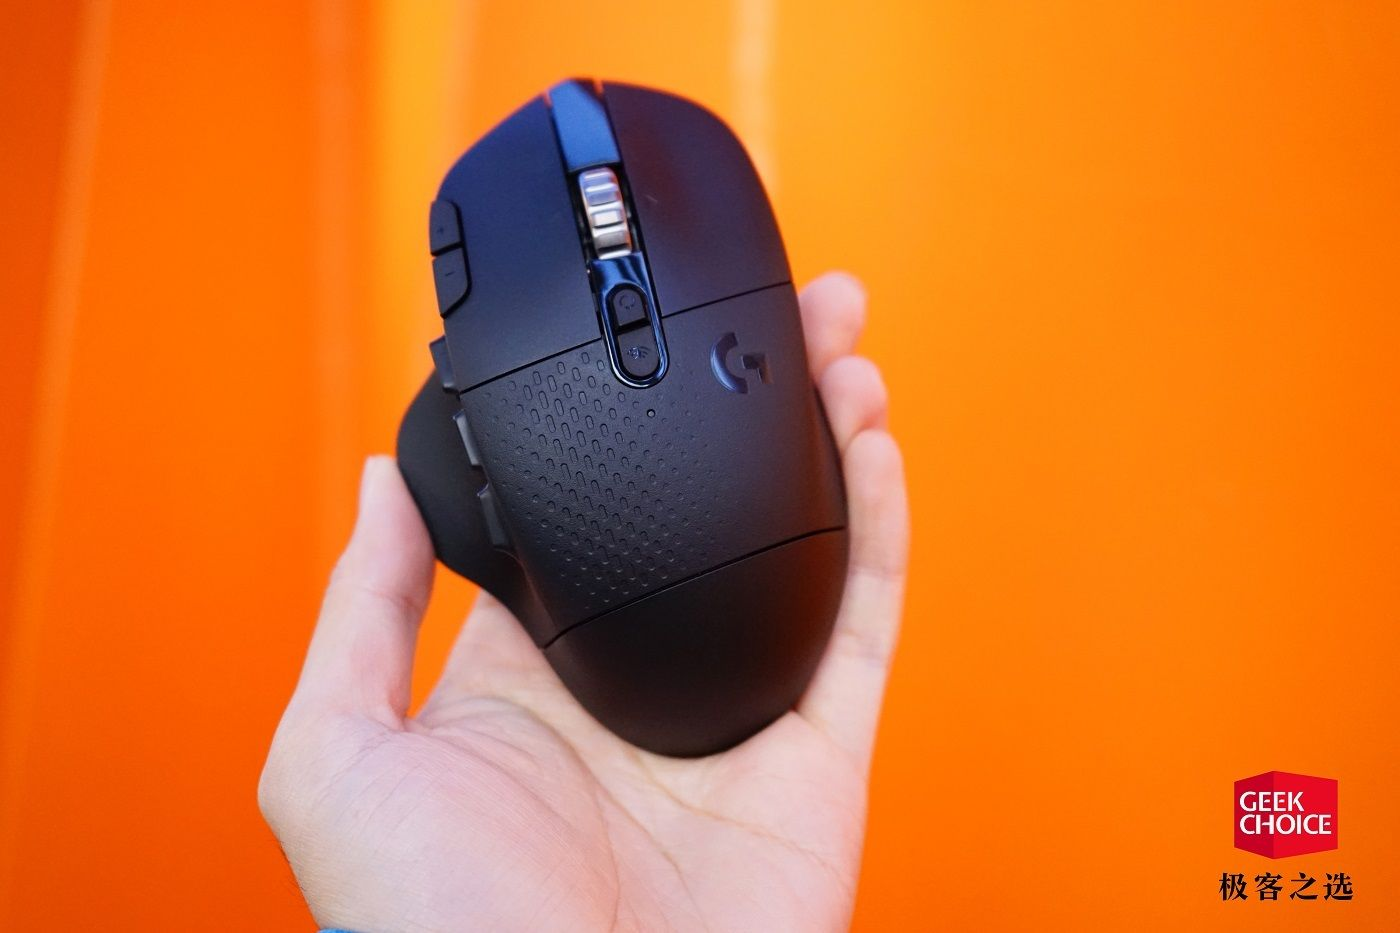 罗技 G604 无线游戏鼠标:可编程按键+双模滚轮,让你无缝切换双设备